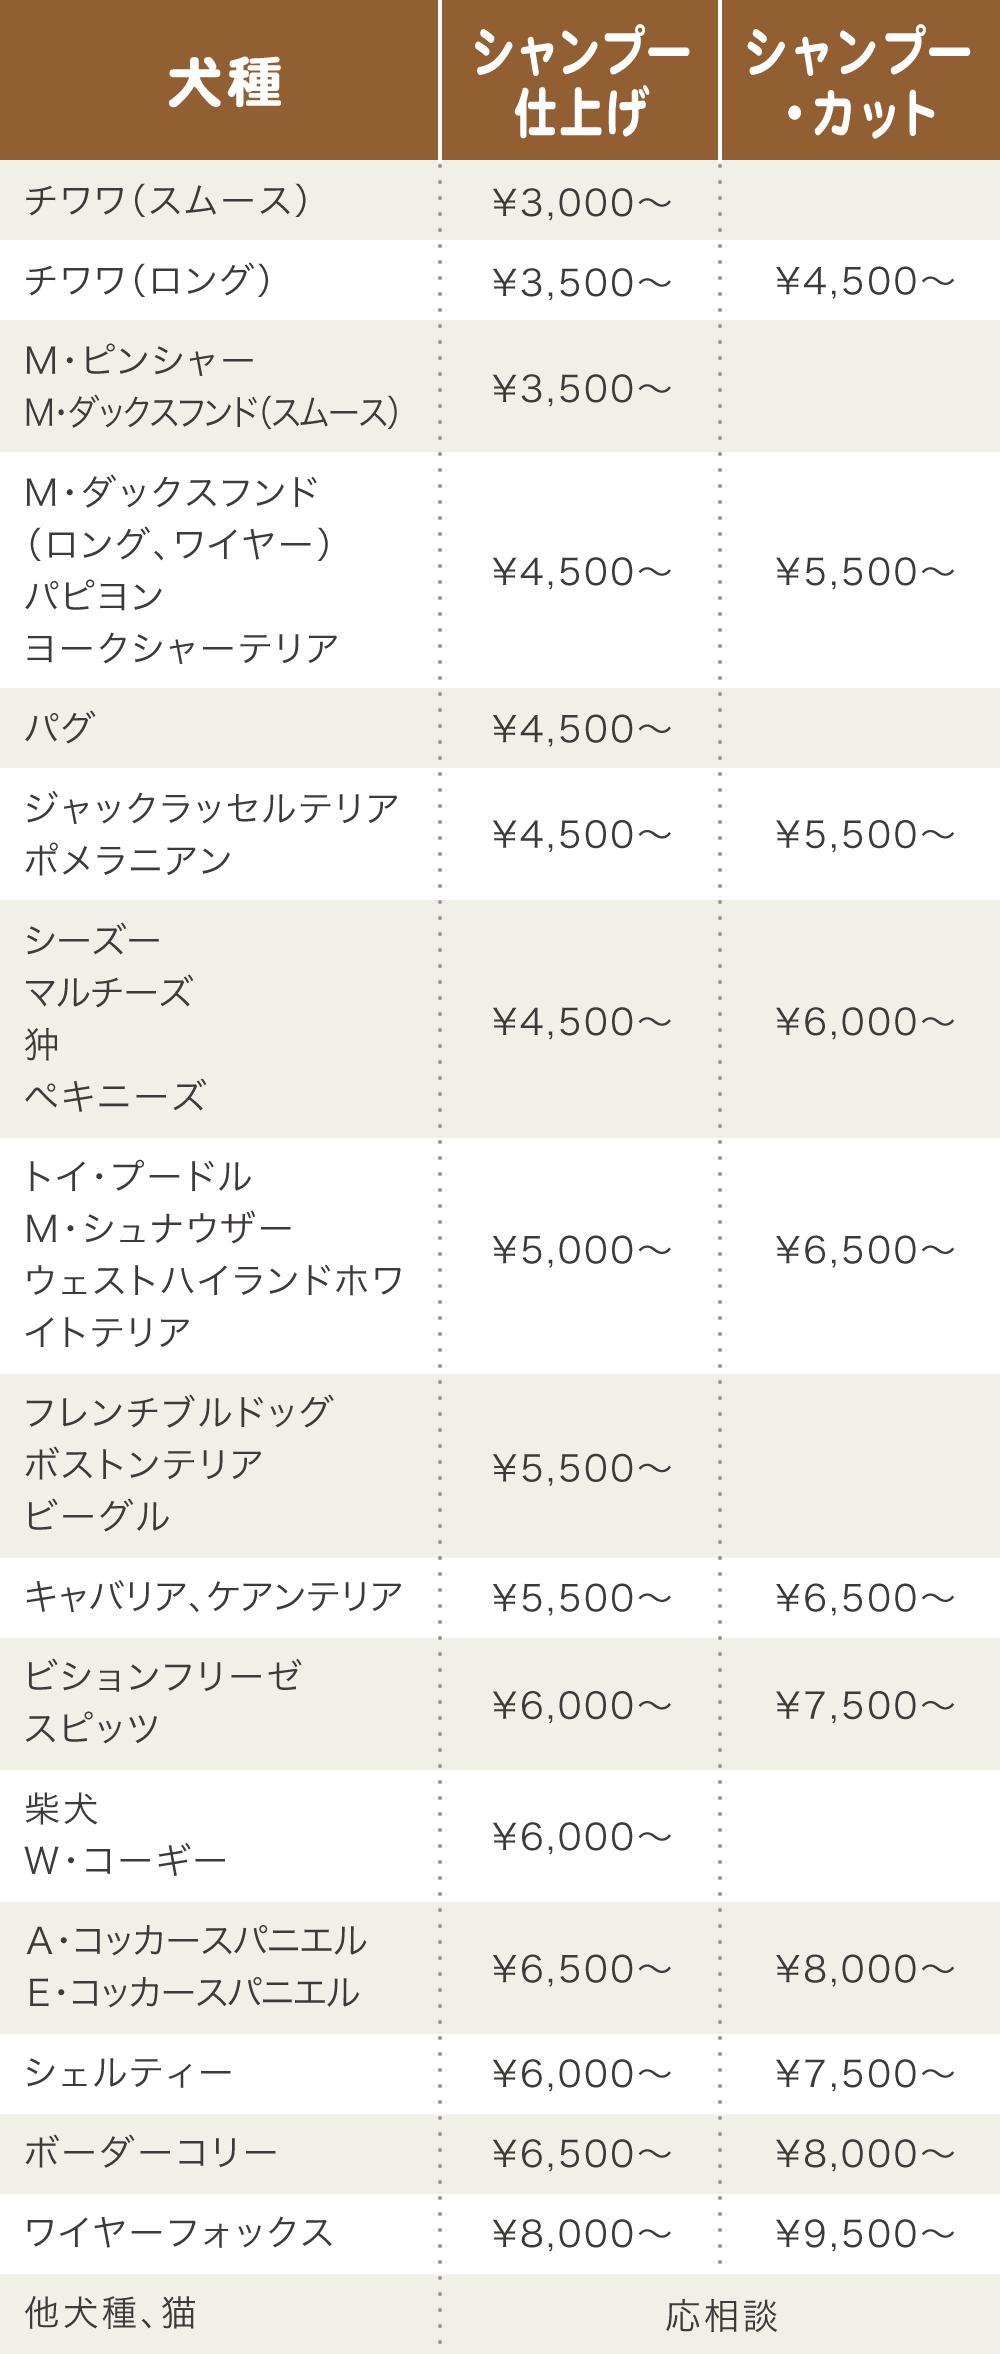 トリミング 価格表